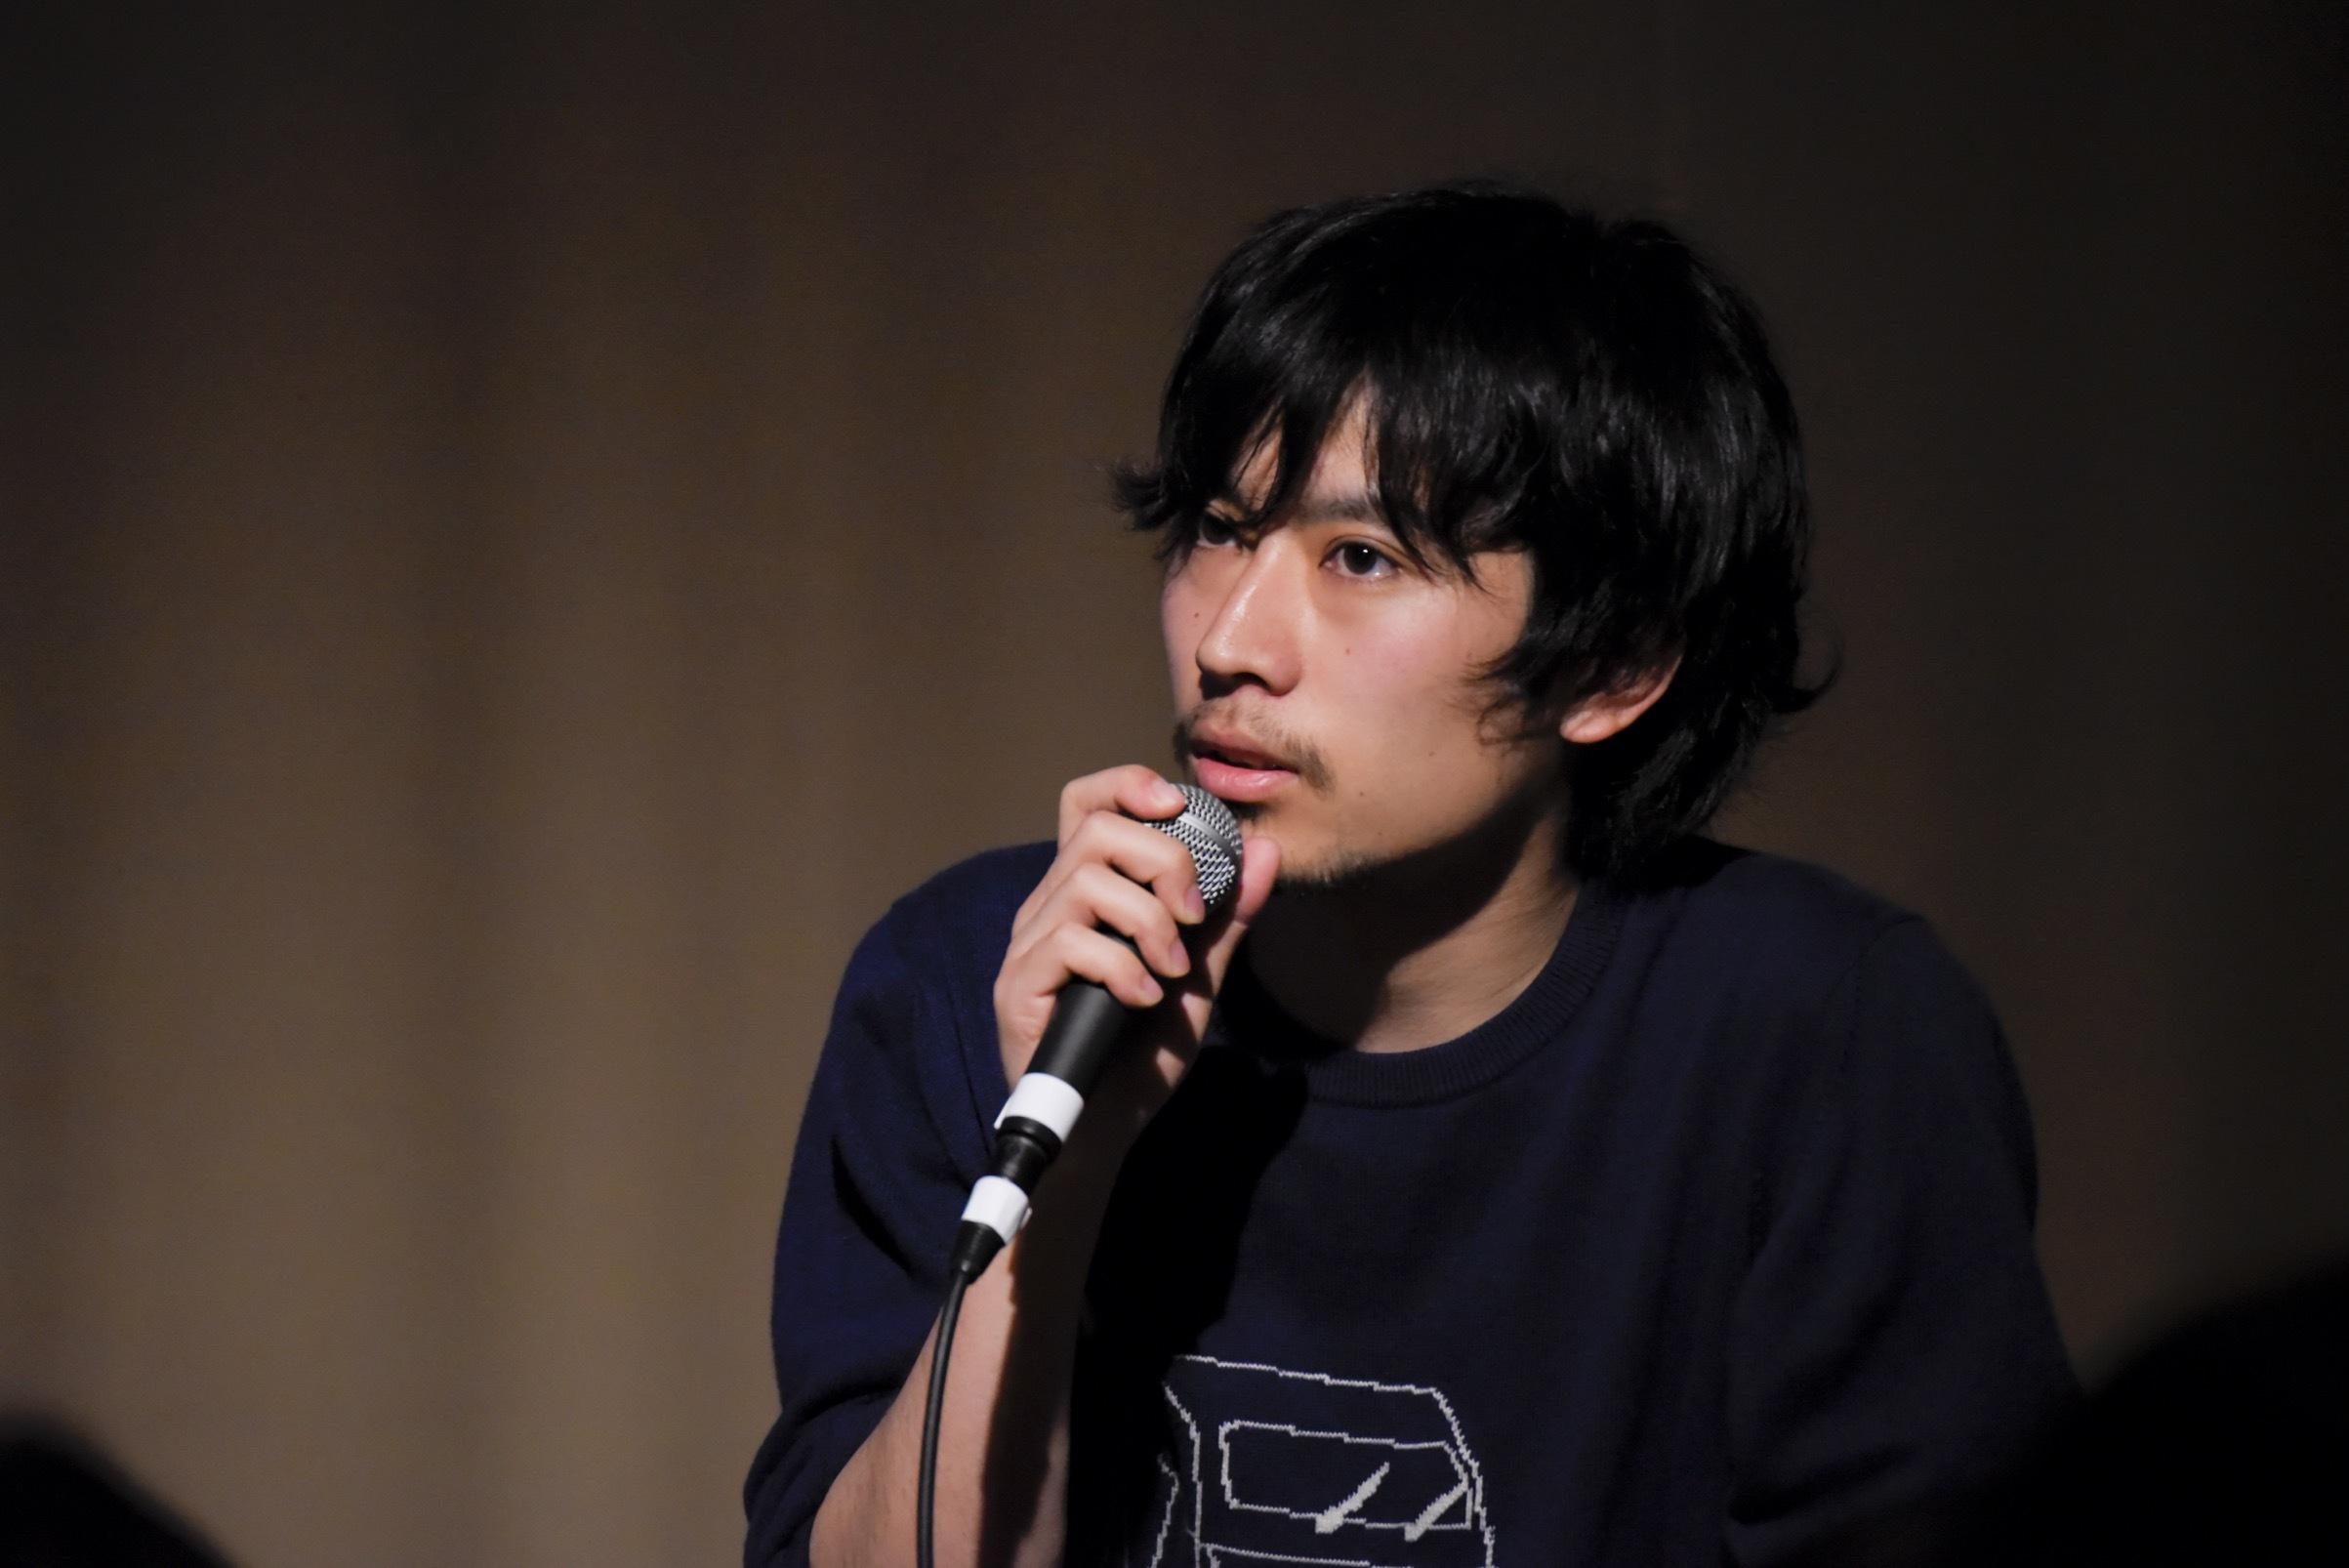 山田智和 photo by 小見山峻